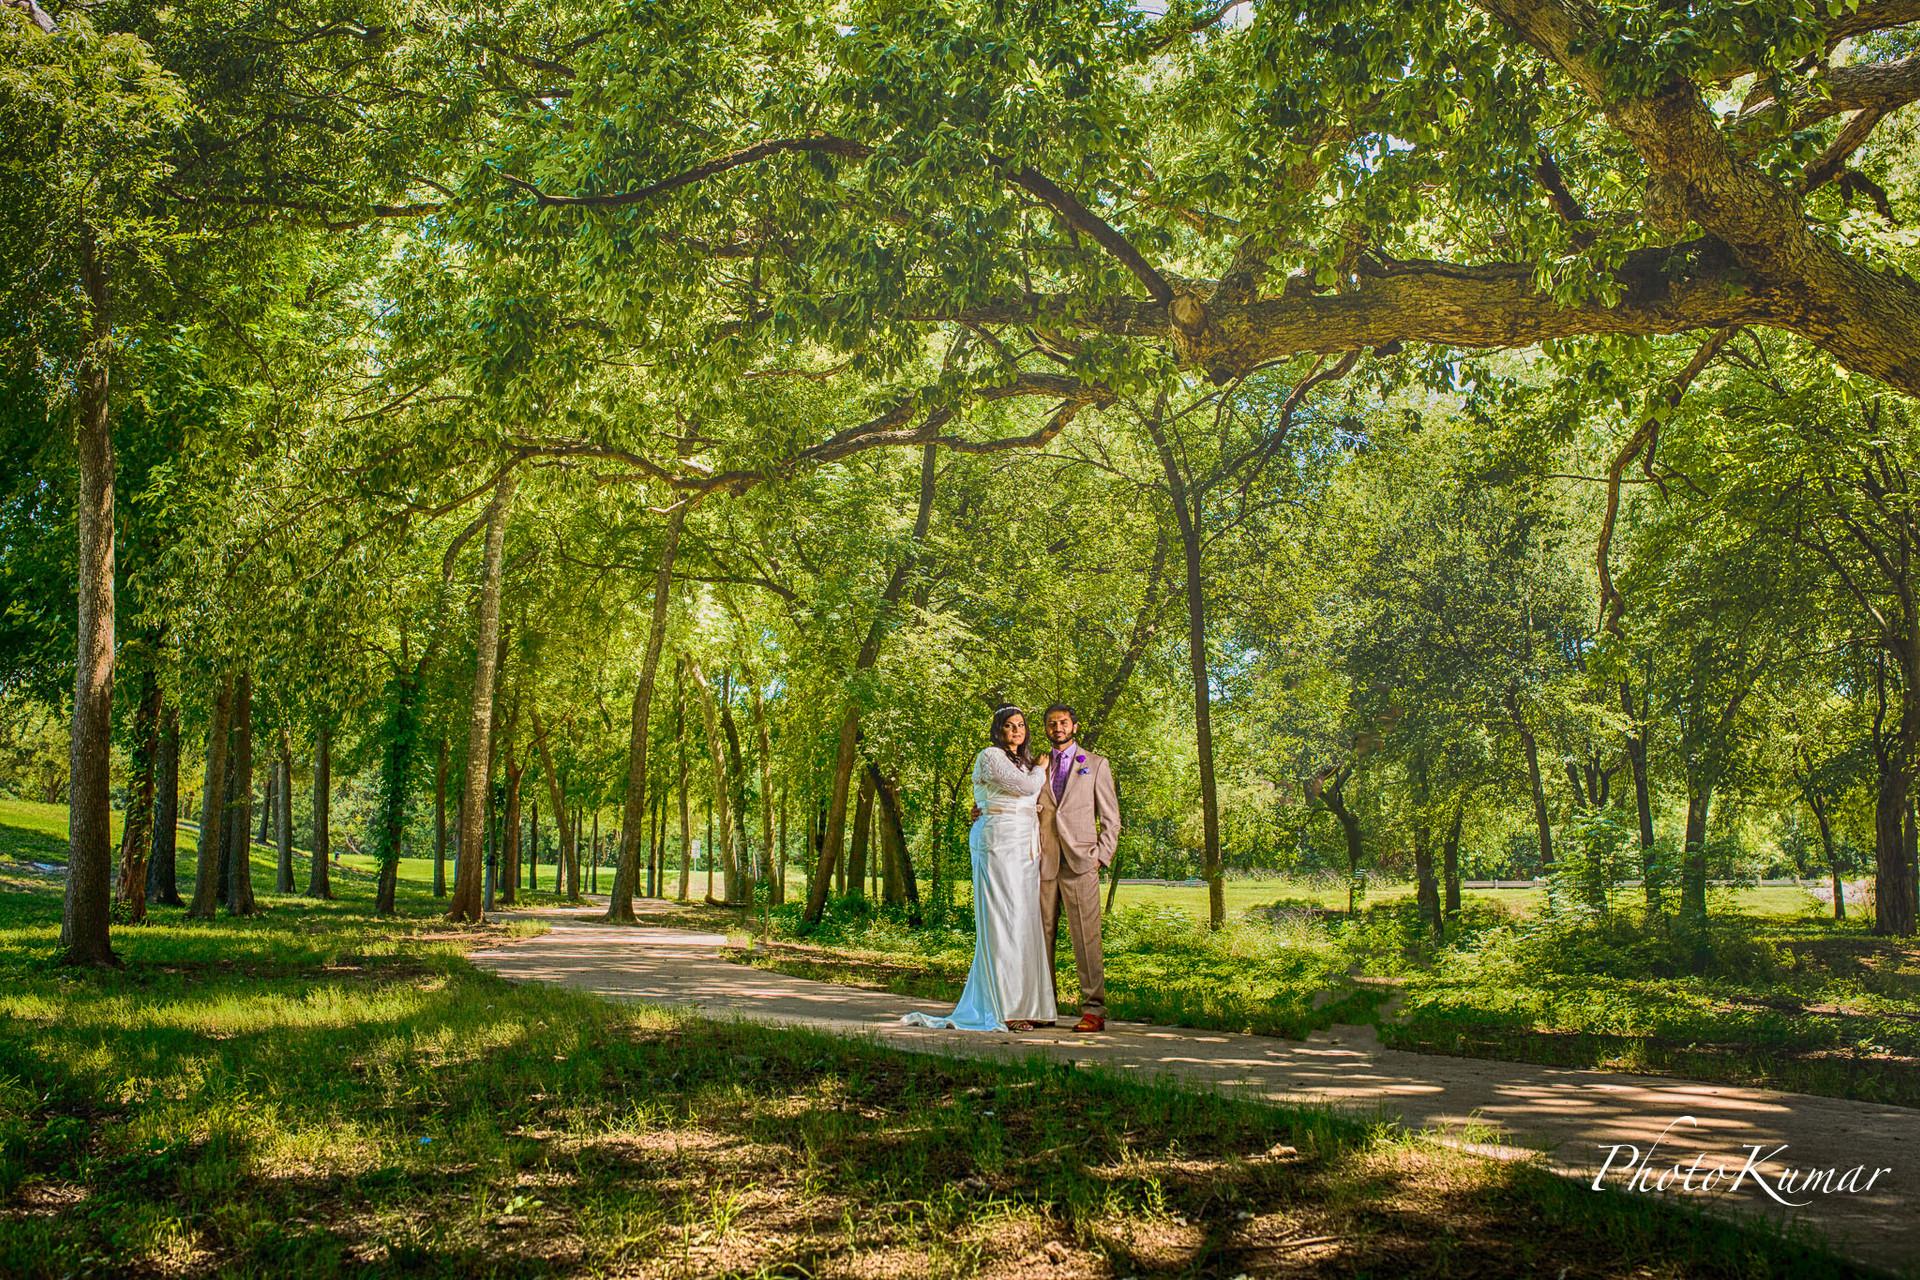 PhotoKumar-Anna and Riyaz-48.jpg